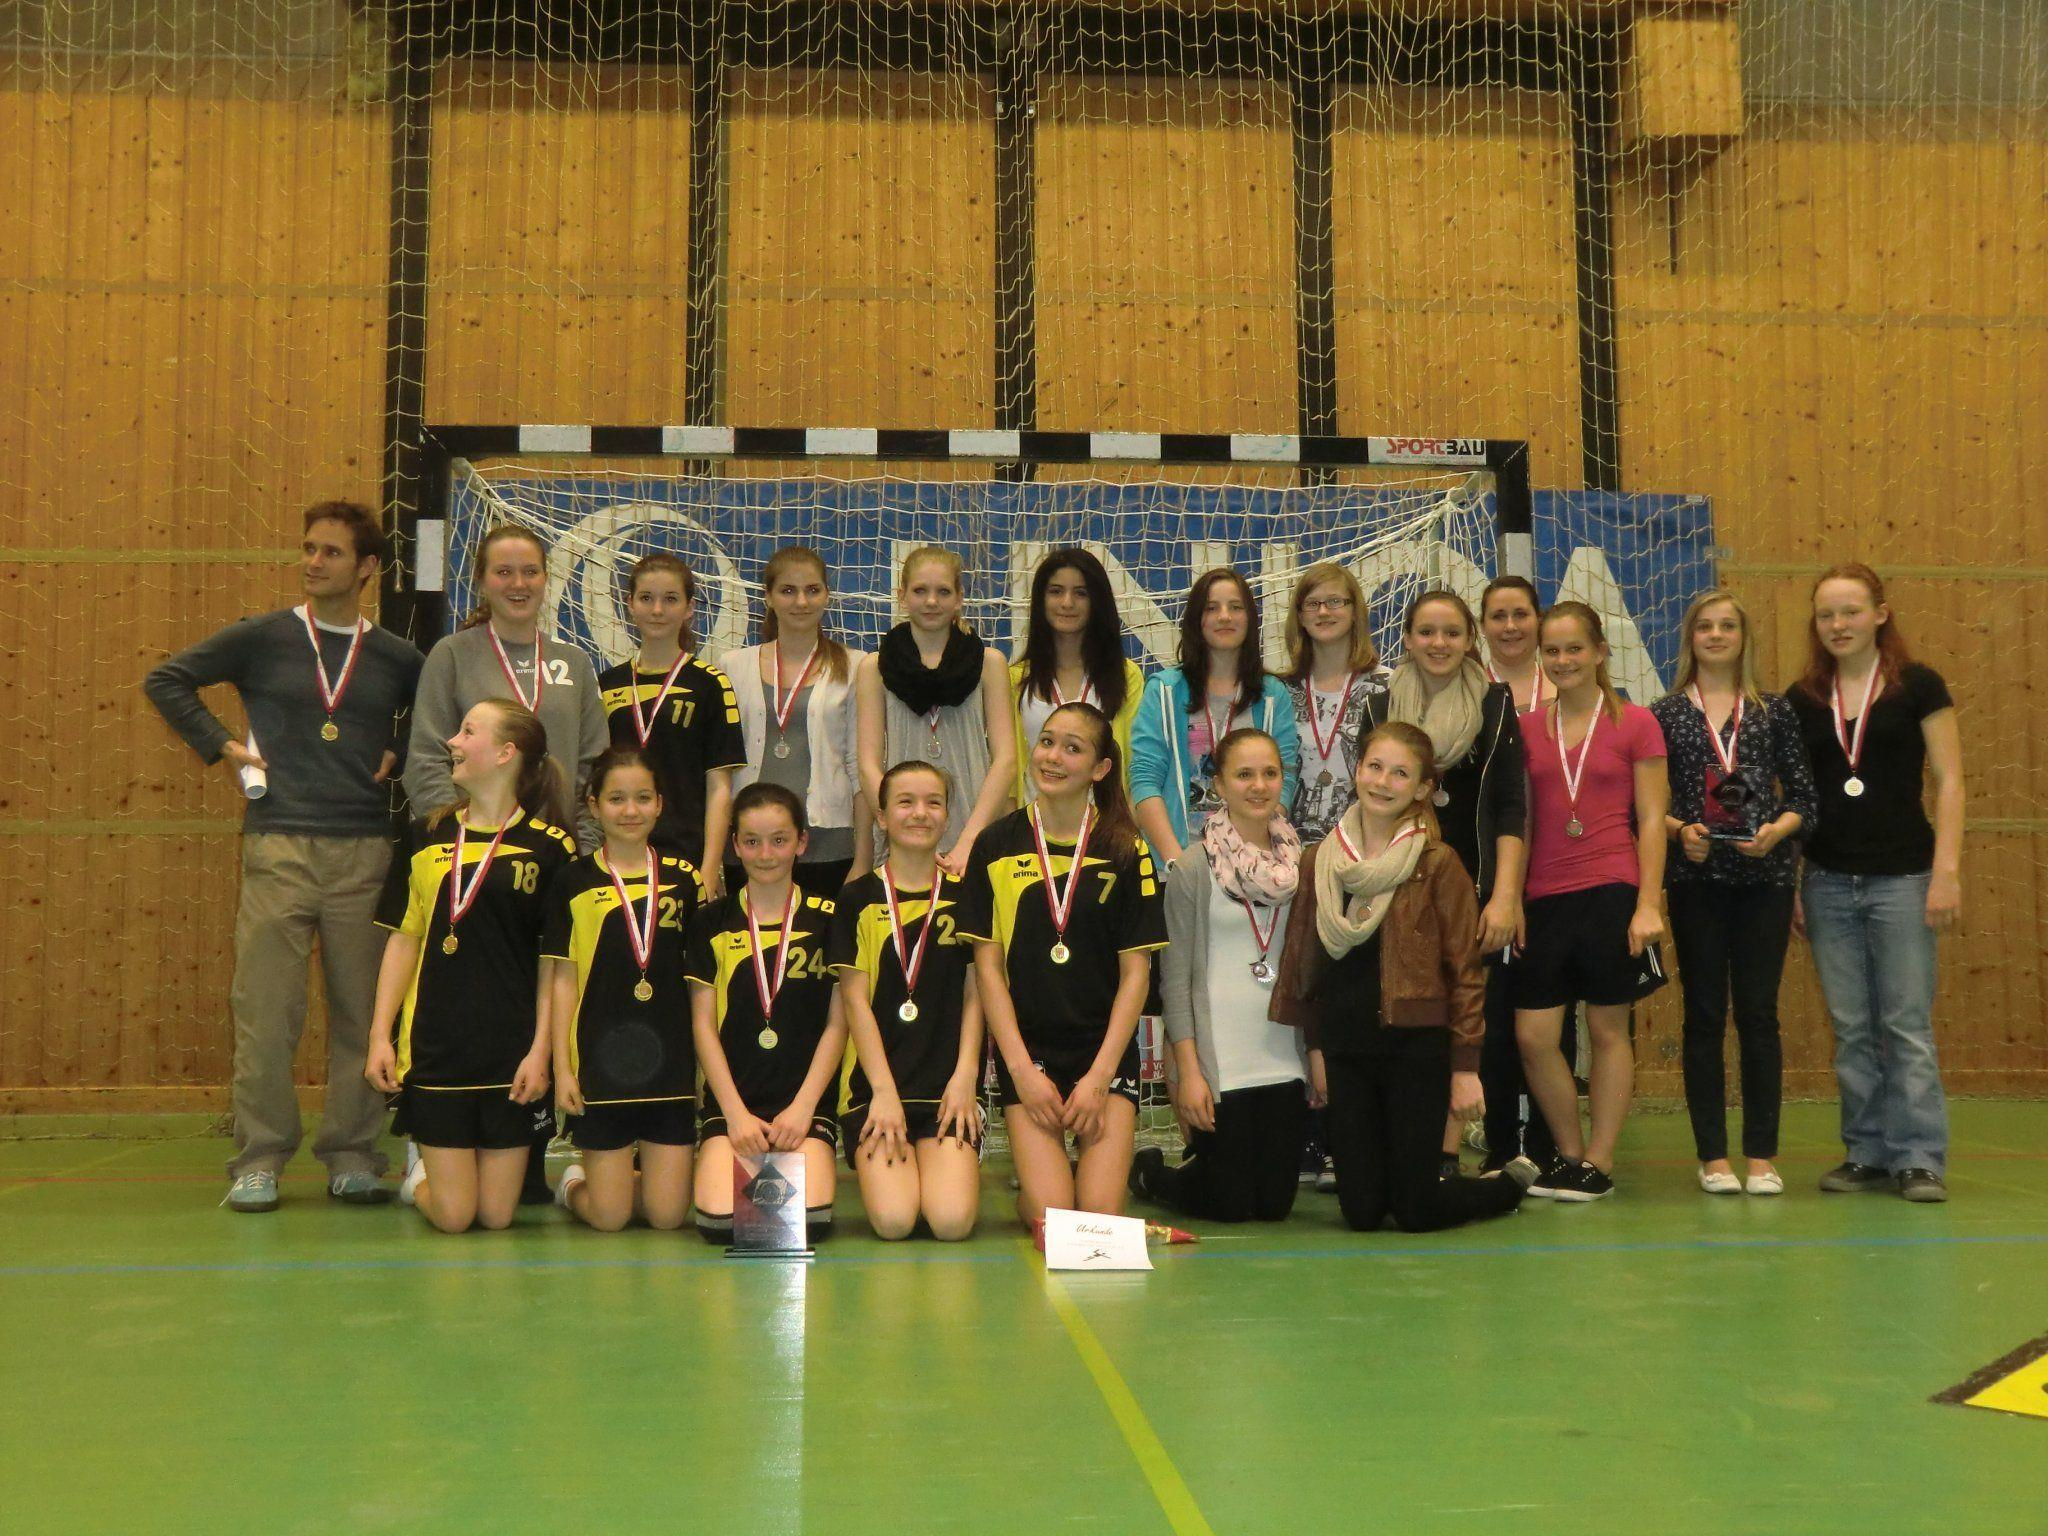 Die Ländle-Farben beim Uniqua-Schulcup vertreten Feldkirch und Bregenz.